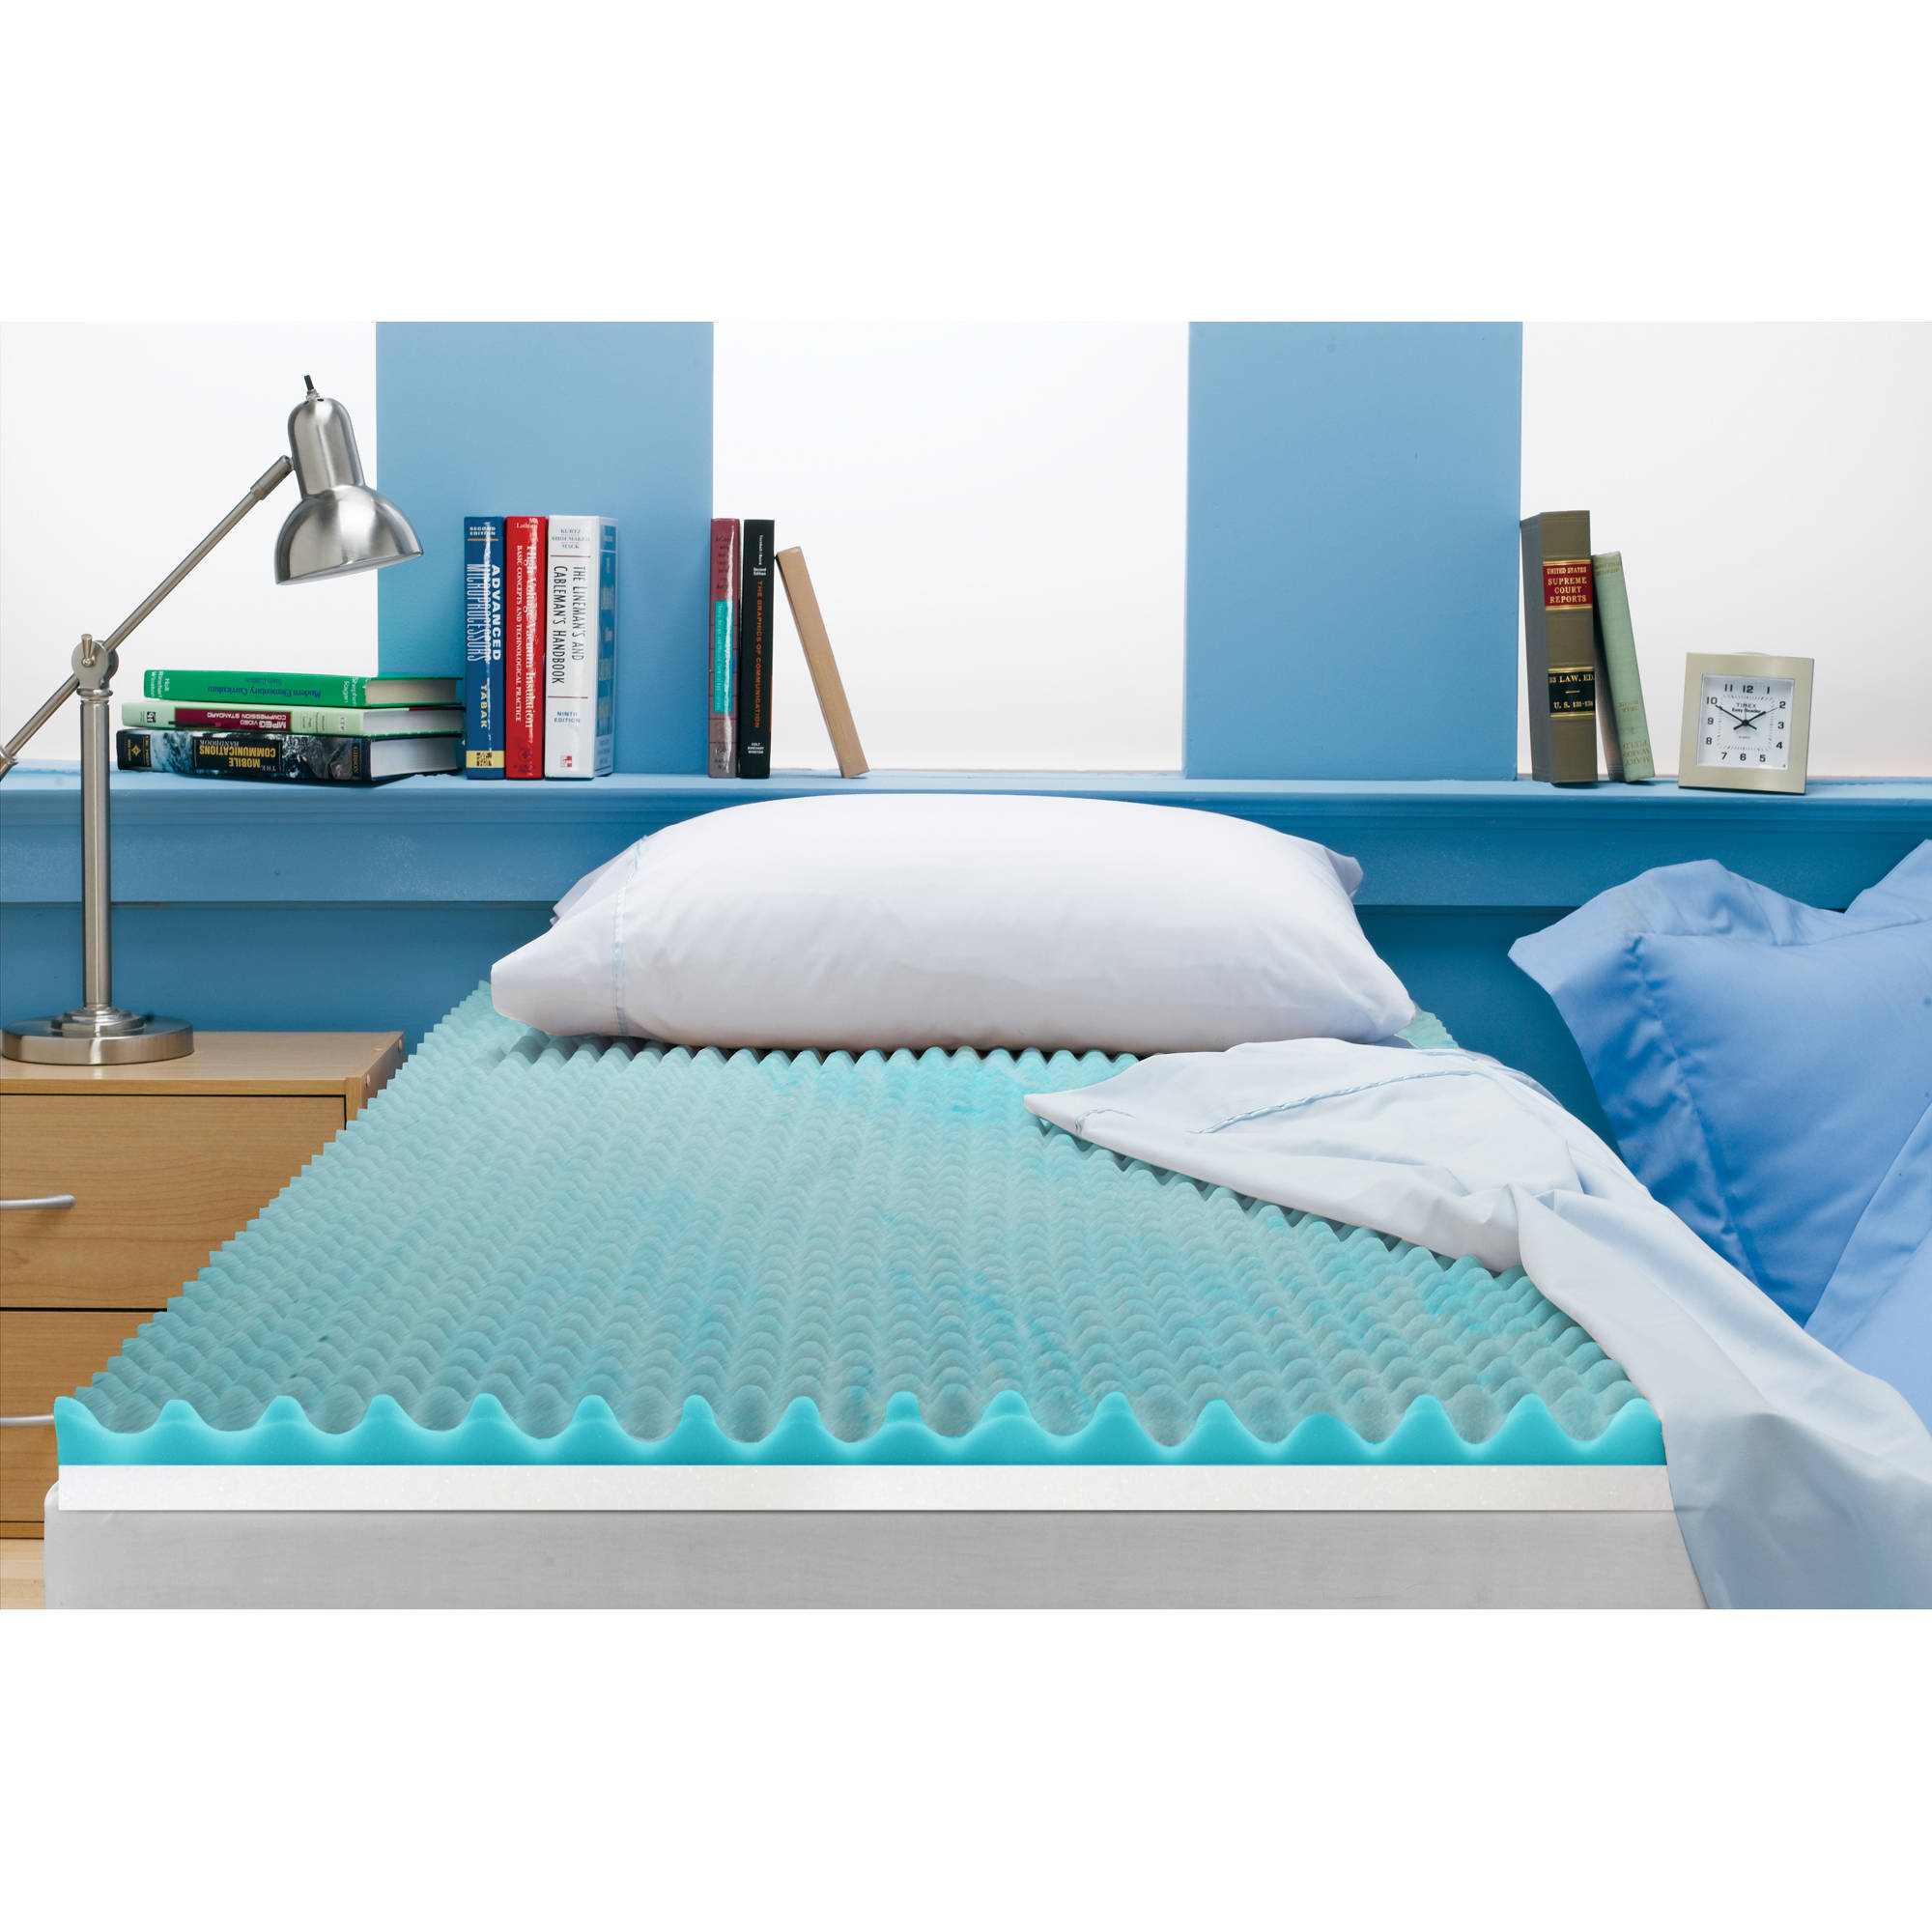 Beautyrest 3 inch Reversible Memory Foam Topper in Multiple Sizes